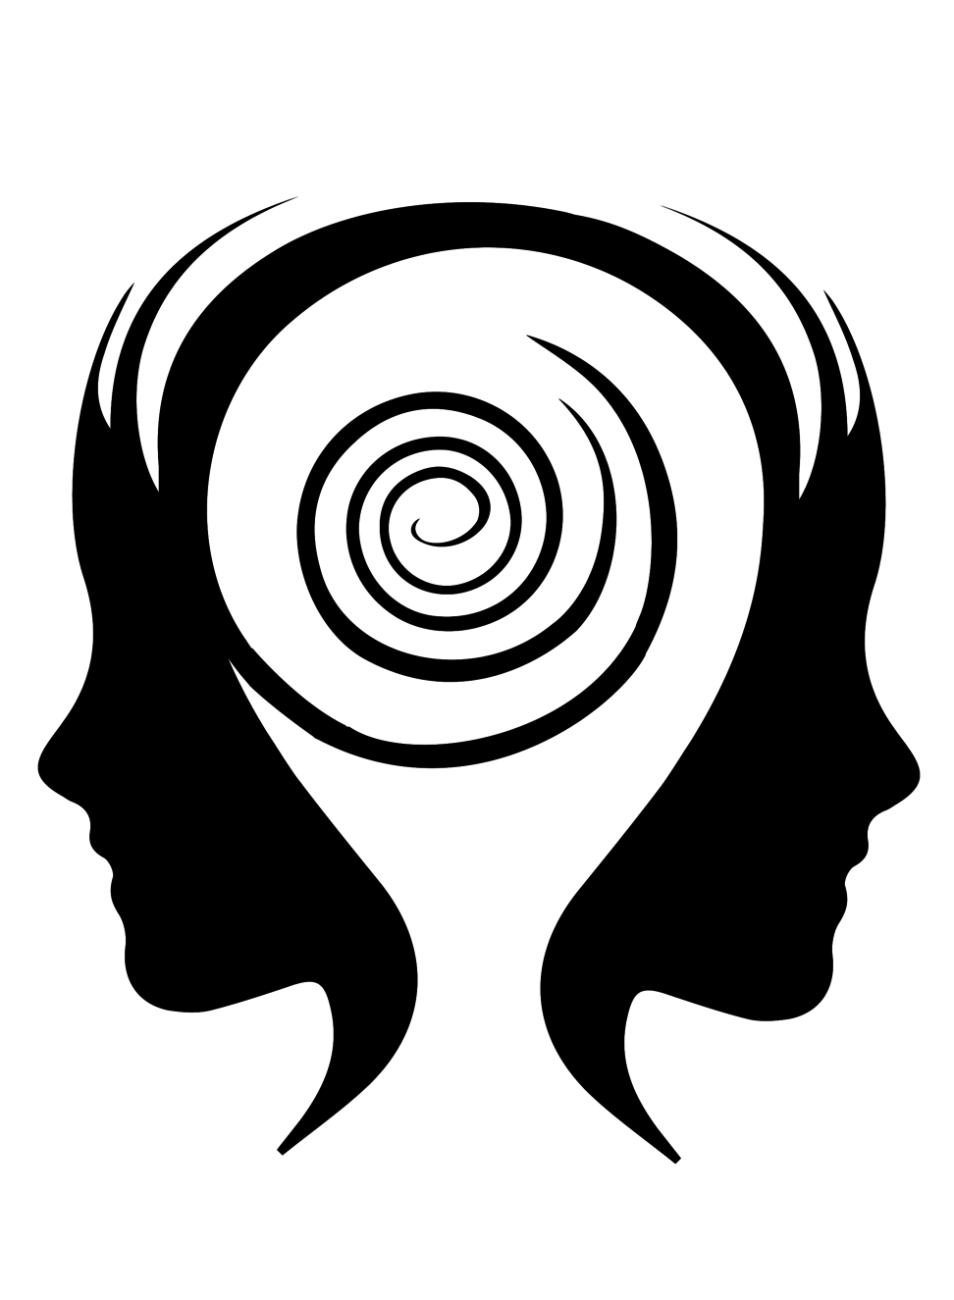 driftingbrain